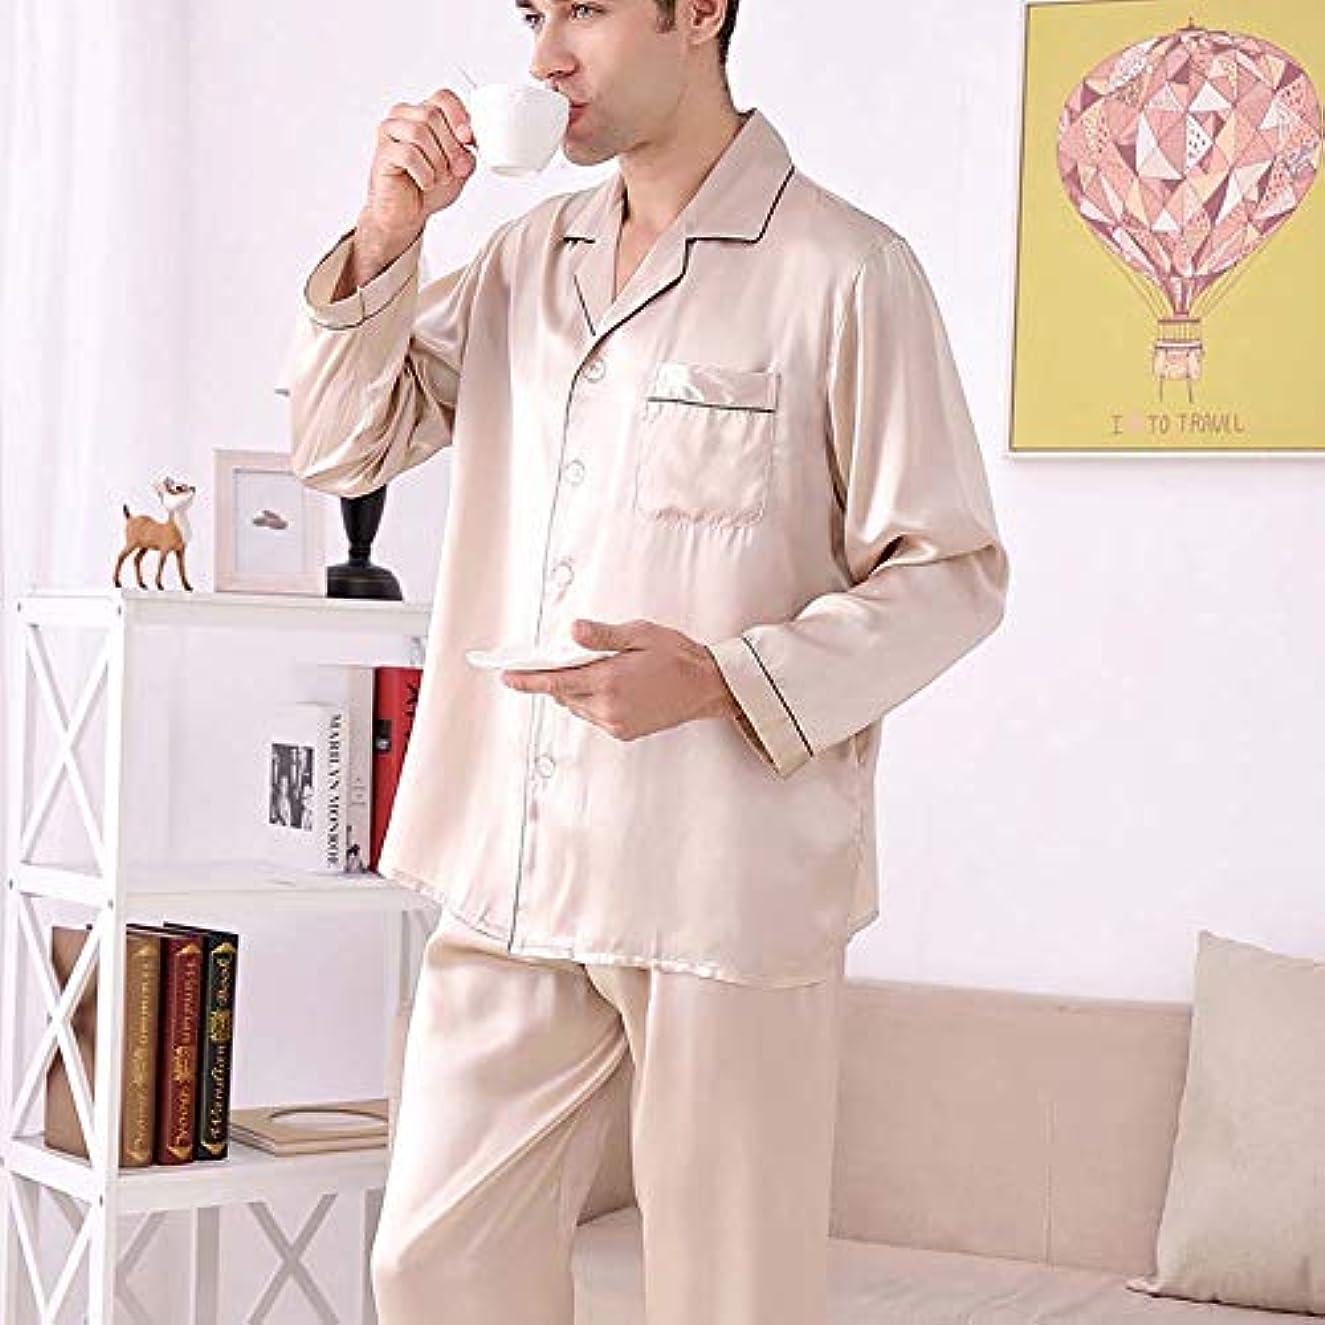 誓い誠意乱暴なホームウエアパジャマ春と夏の長袖ツーピース100%マルベリーシルクノーブルメンズホームウエアシルクのスーツ,XL